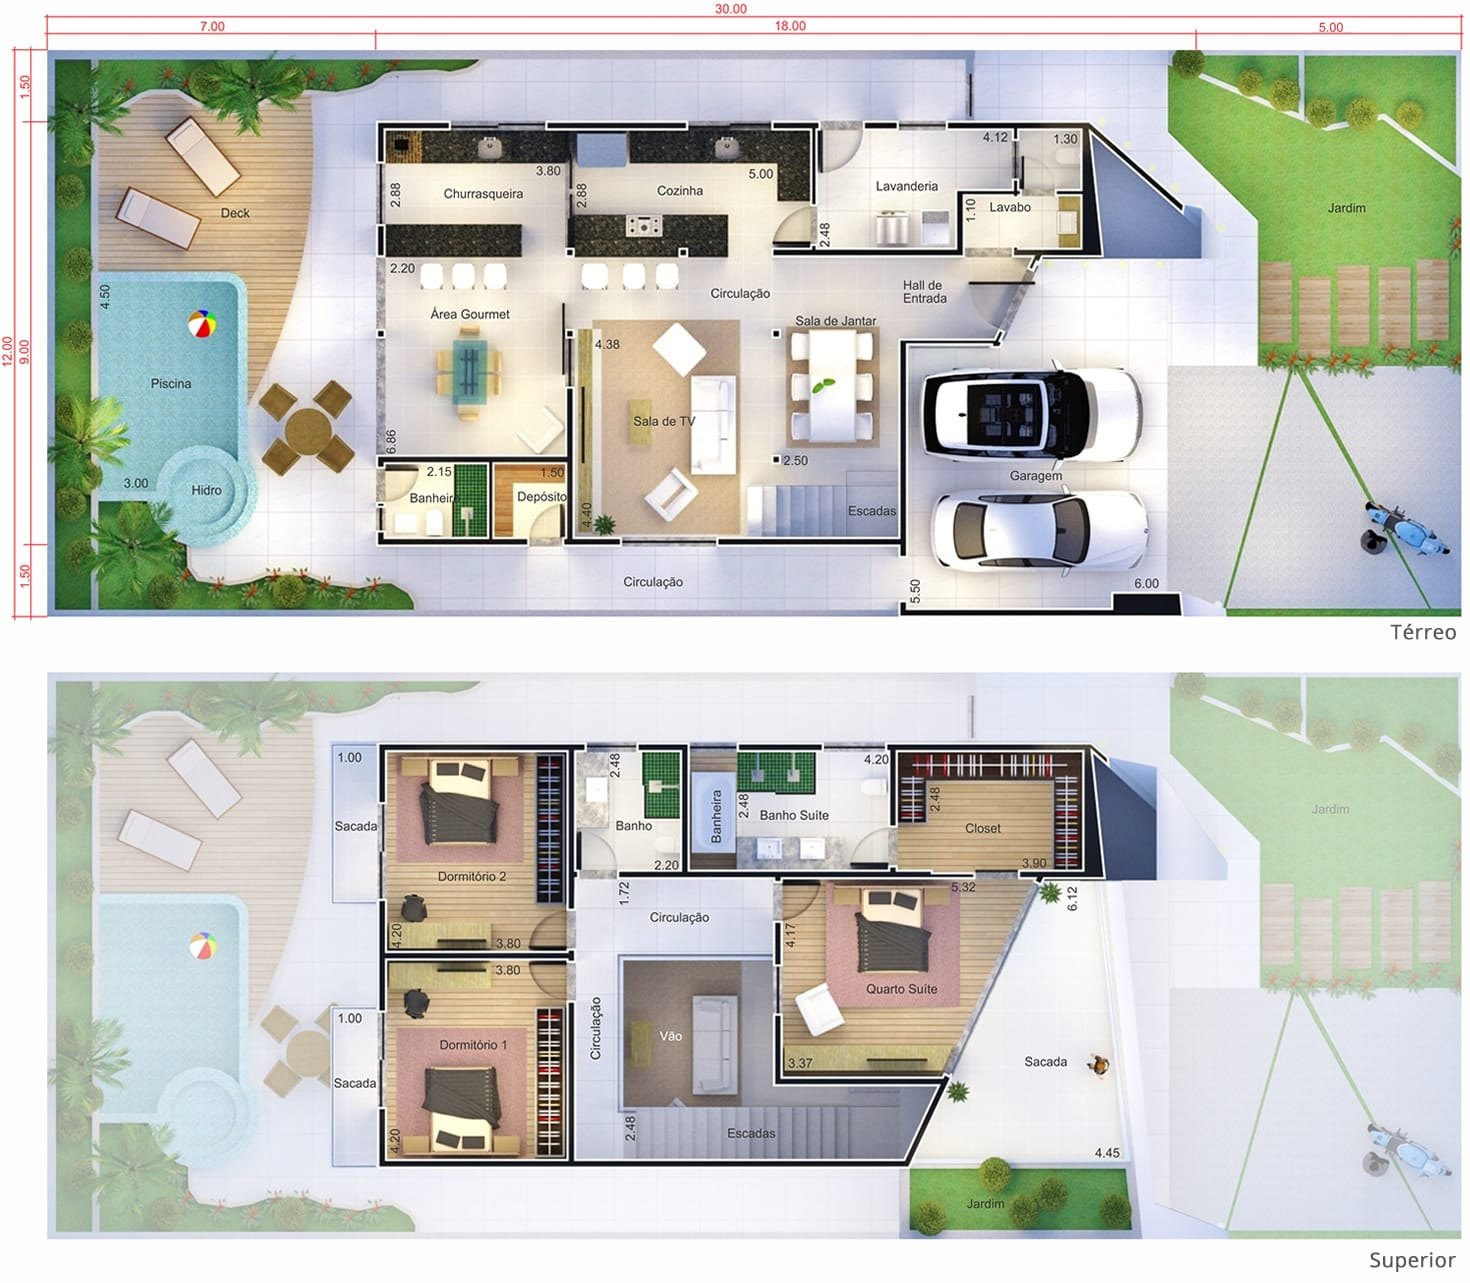 Projeto de sobrado com design inovador Projetos de Casas Modelos de  #416C33 1470x1283 Banheiro Adaptado Autocad